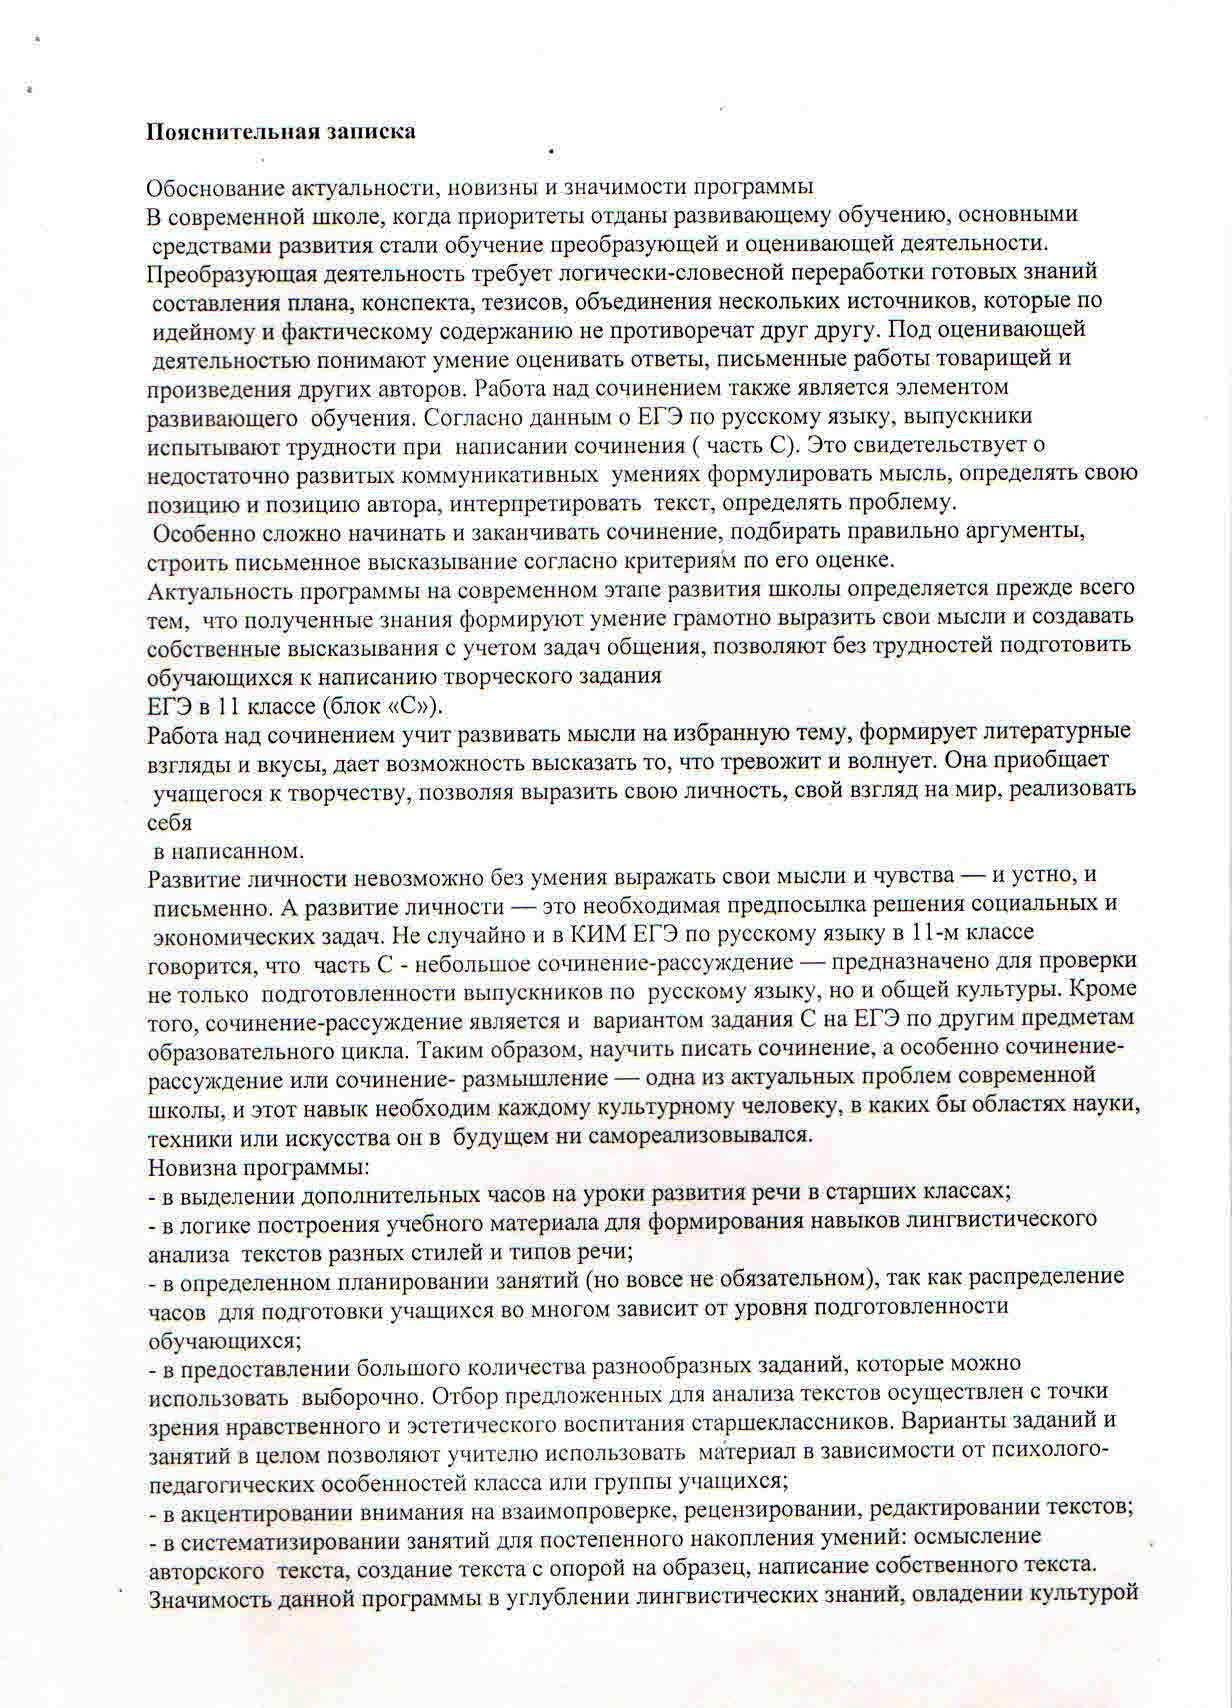 C:\Users\Татьяна\Desktop\программа факультативного курса по русскому языку Учимся писать рецензию 11 класс\1.jpg